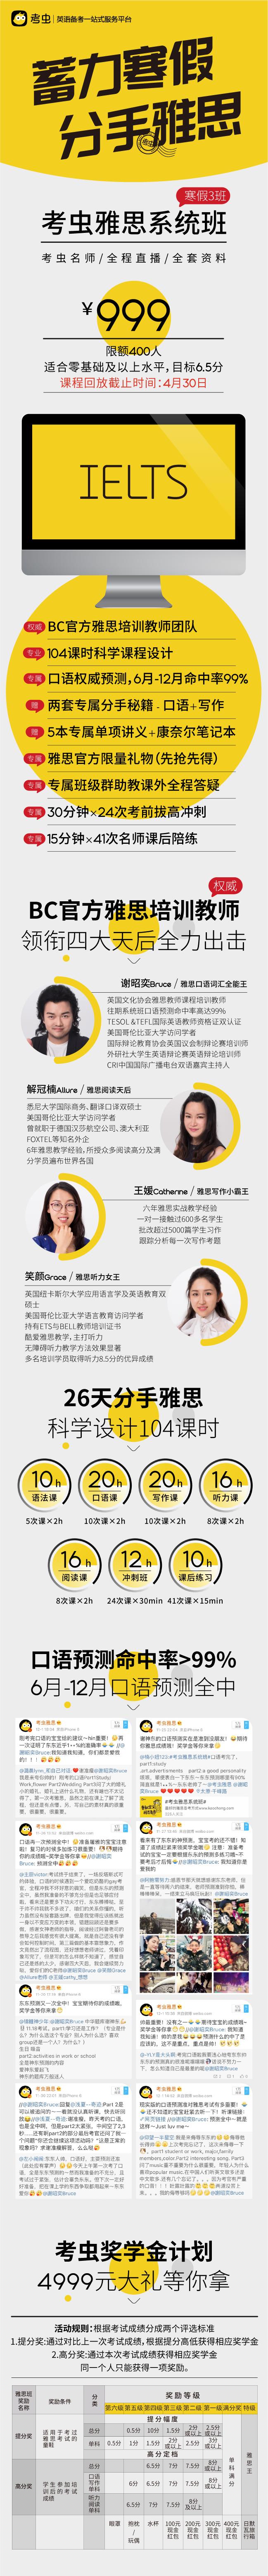 考虫雅思系统班寒假3班详情页--01.png